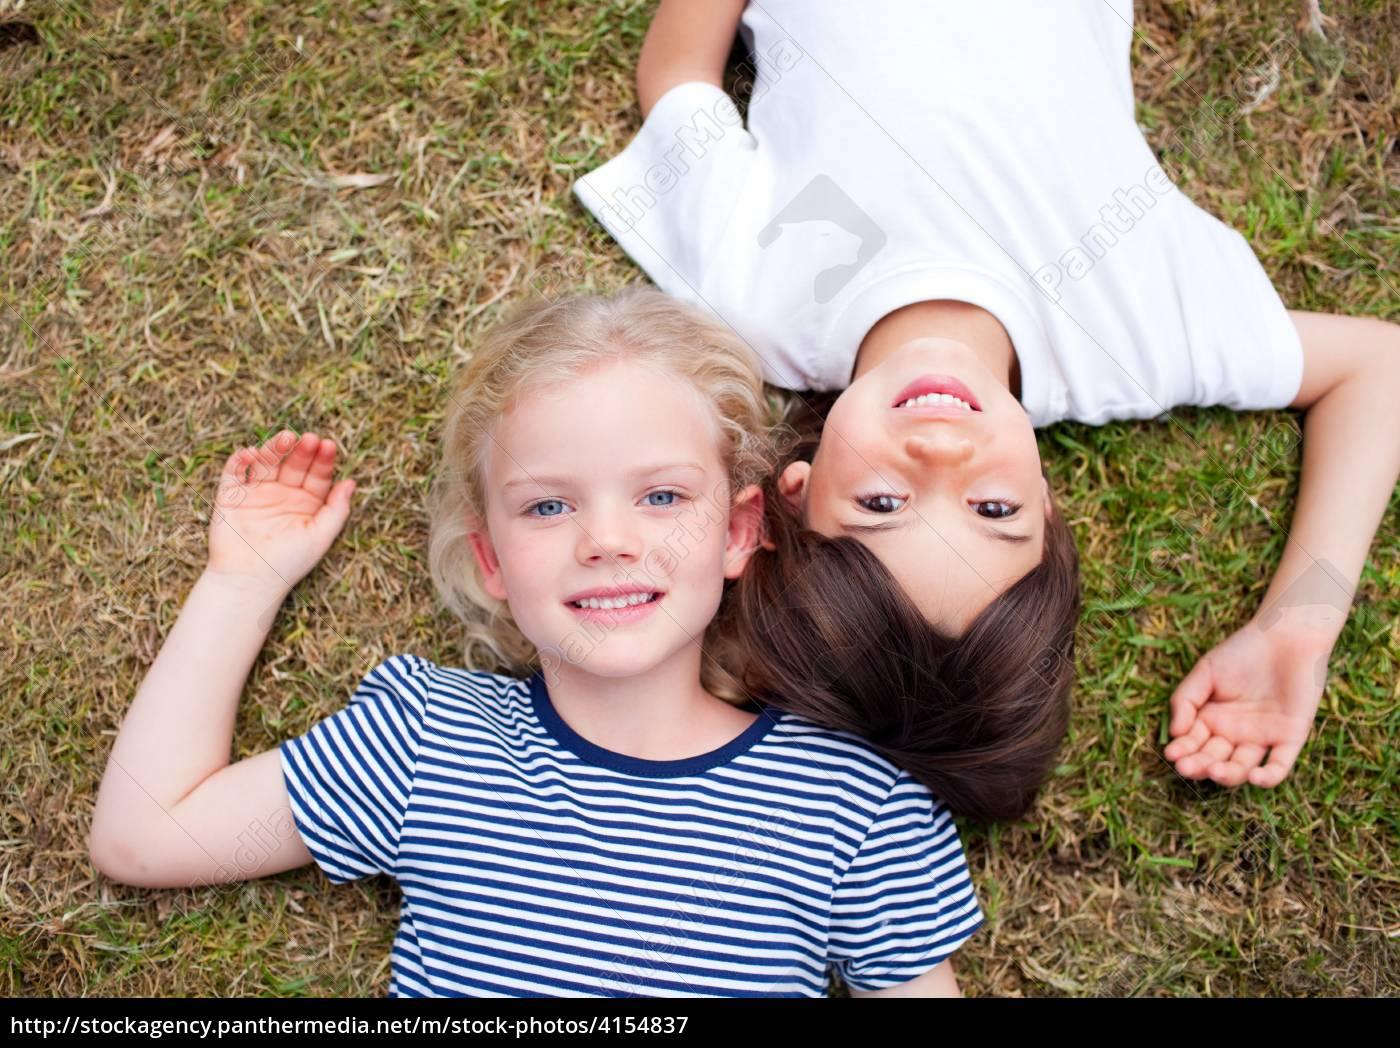 Сестра возбудила своего брата и его друга, Сестра возбудила брата и трахалась с ним - порнофаза 11 фотография